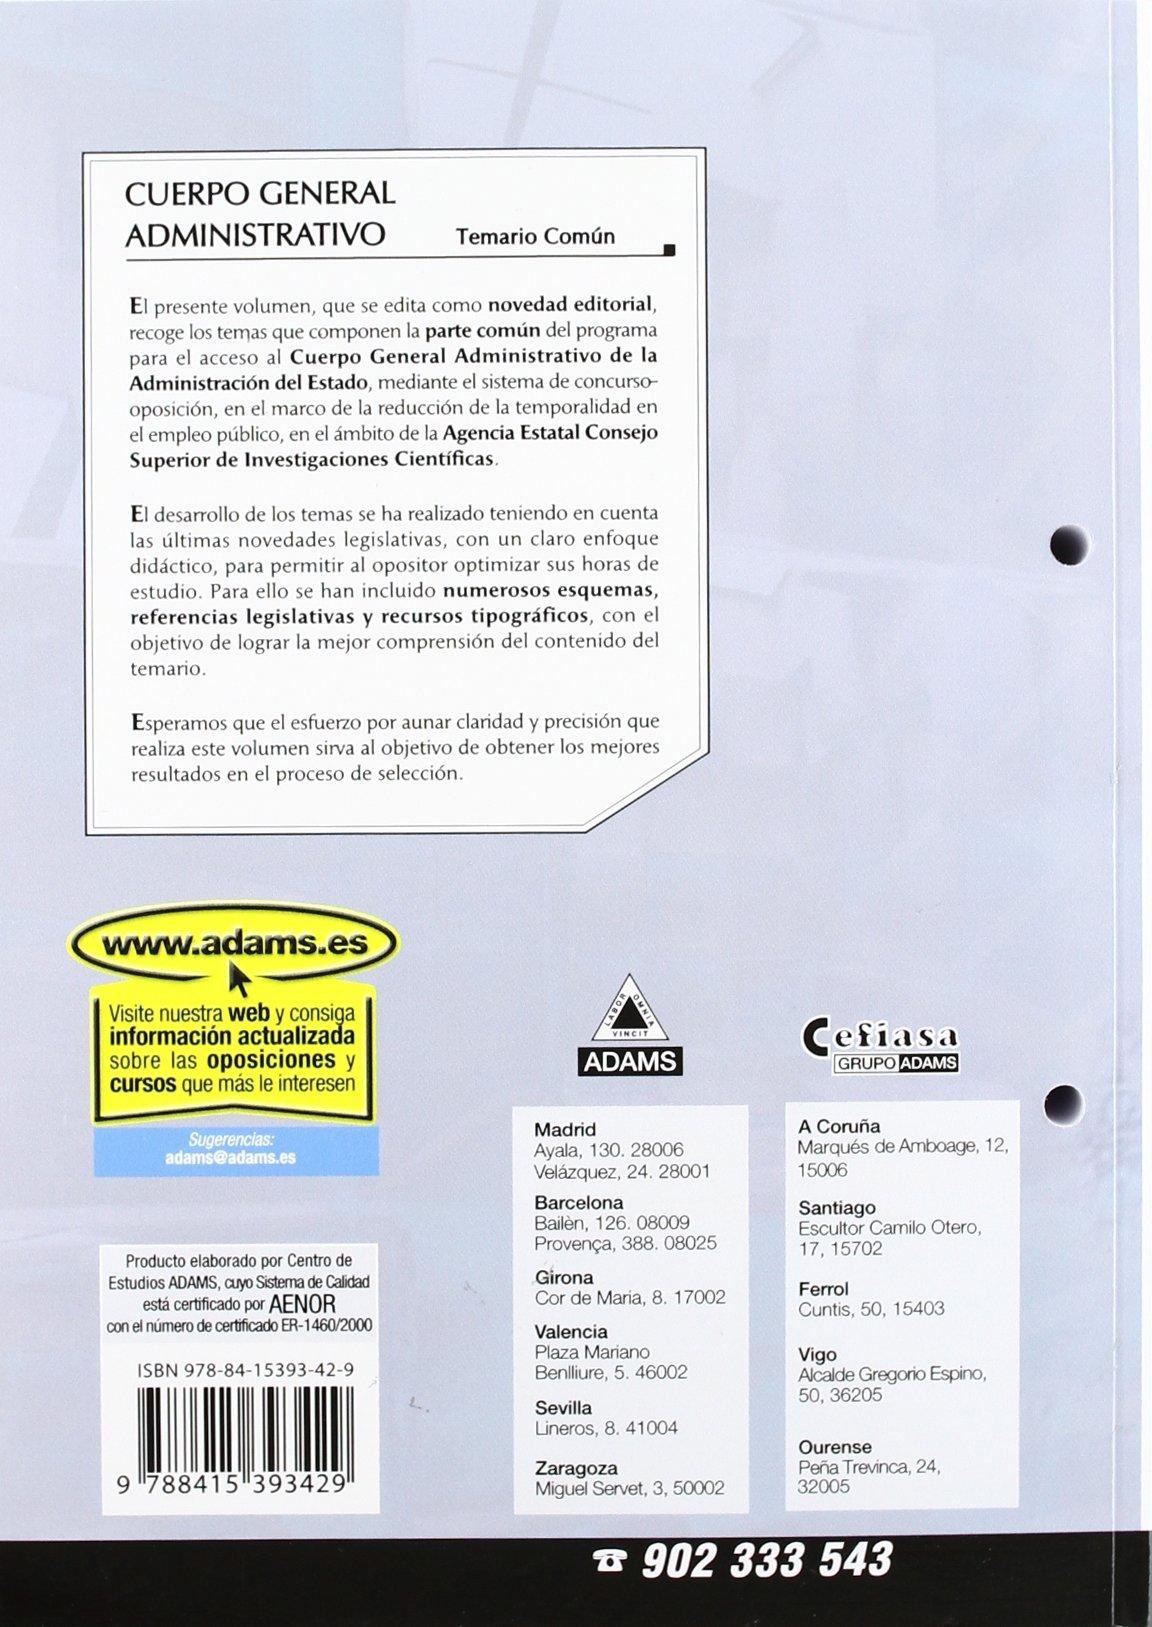 Cuerpo general administrativo (csic) temario: Amazon.es: VV.AA.: Libros